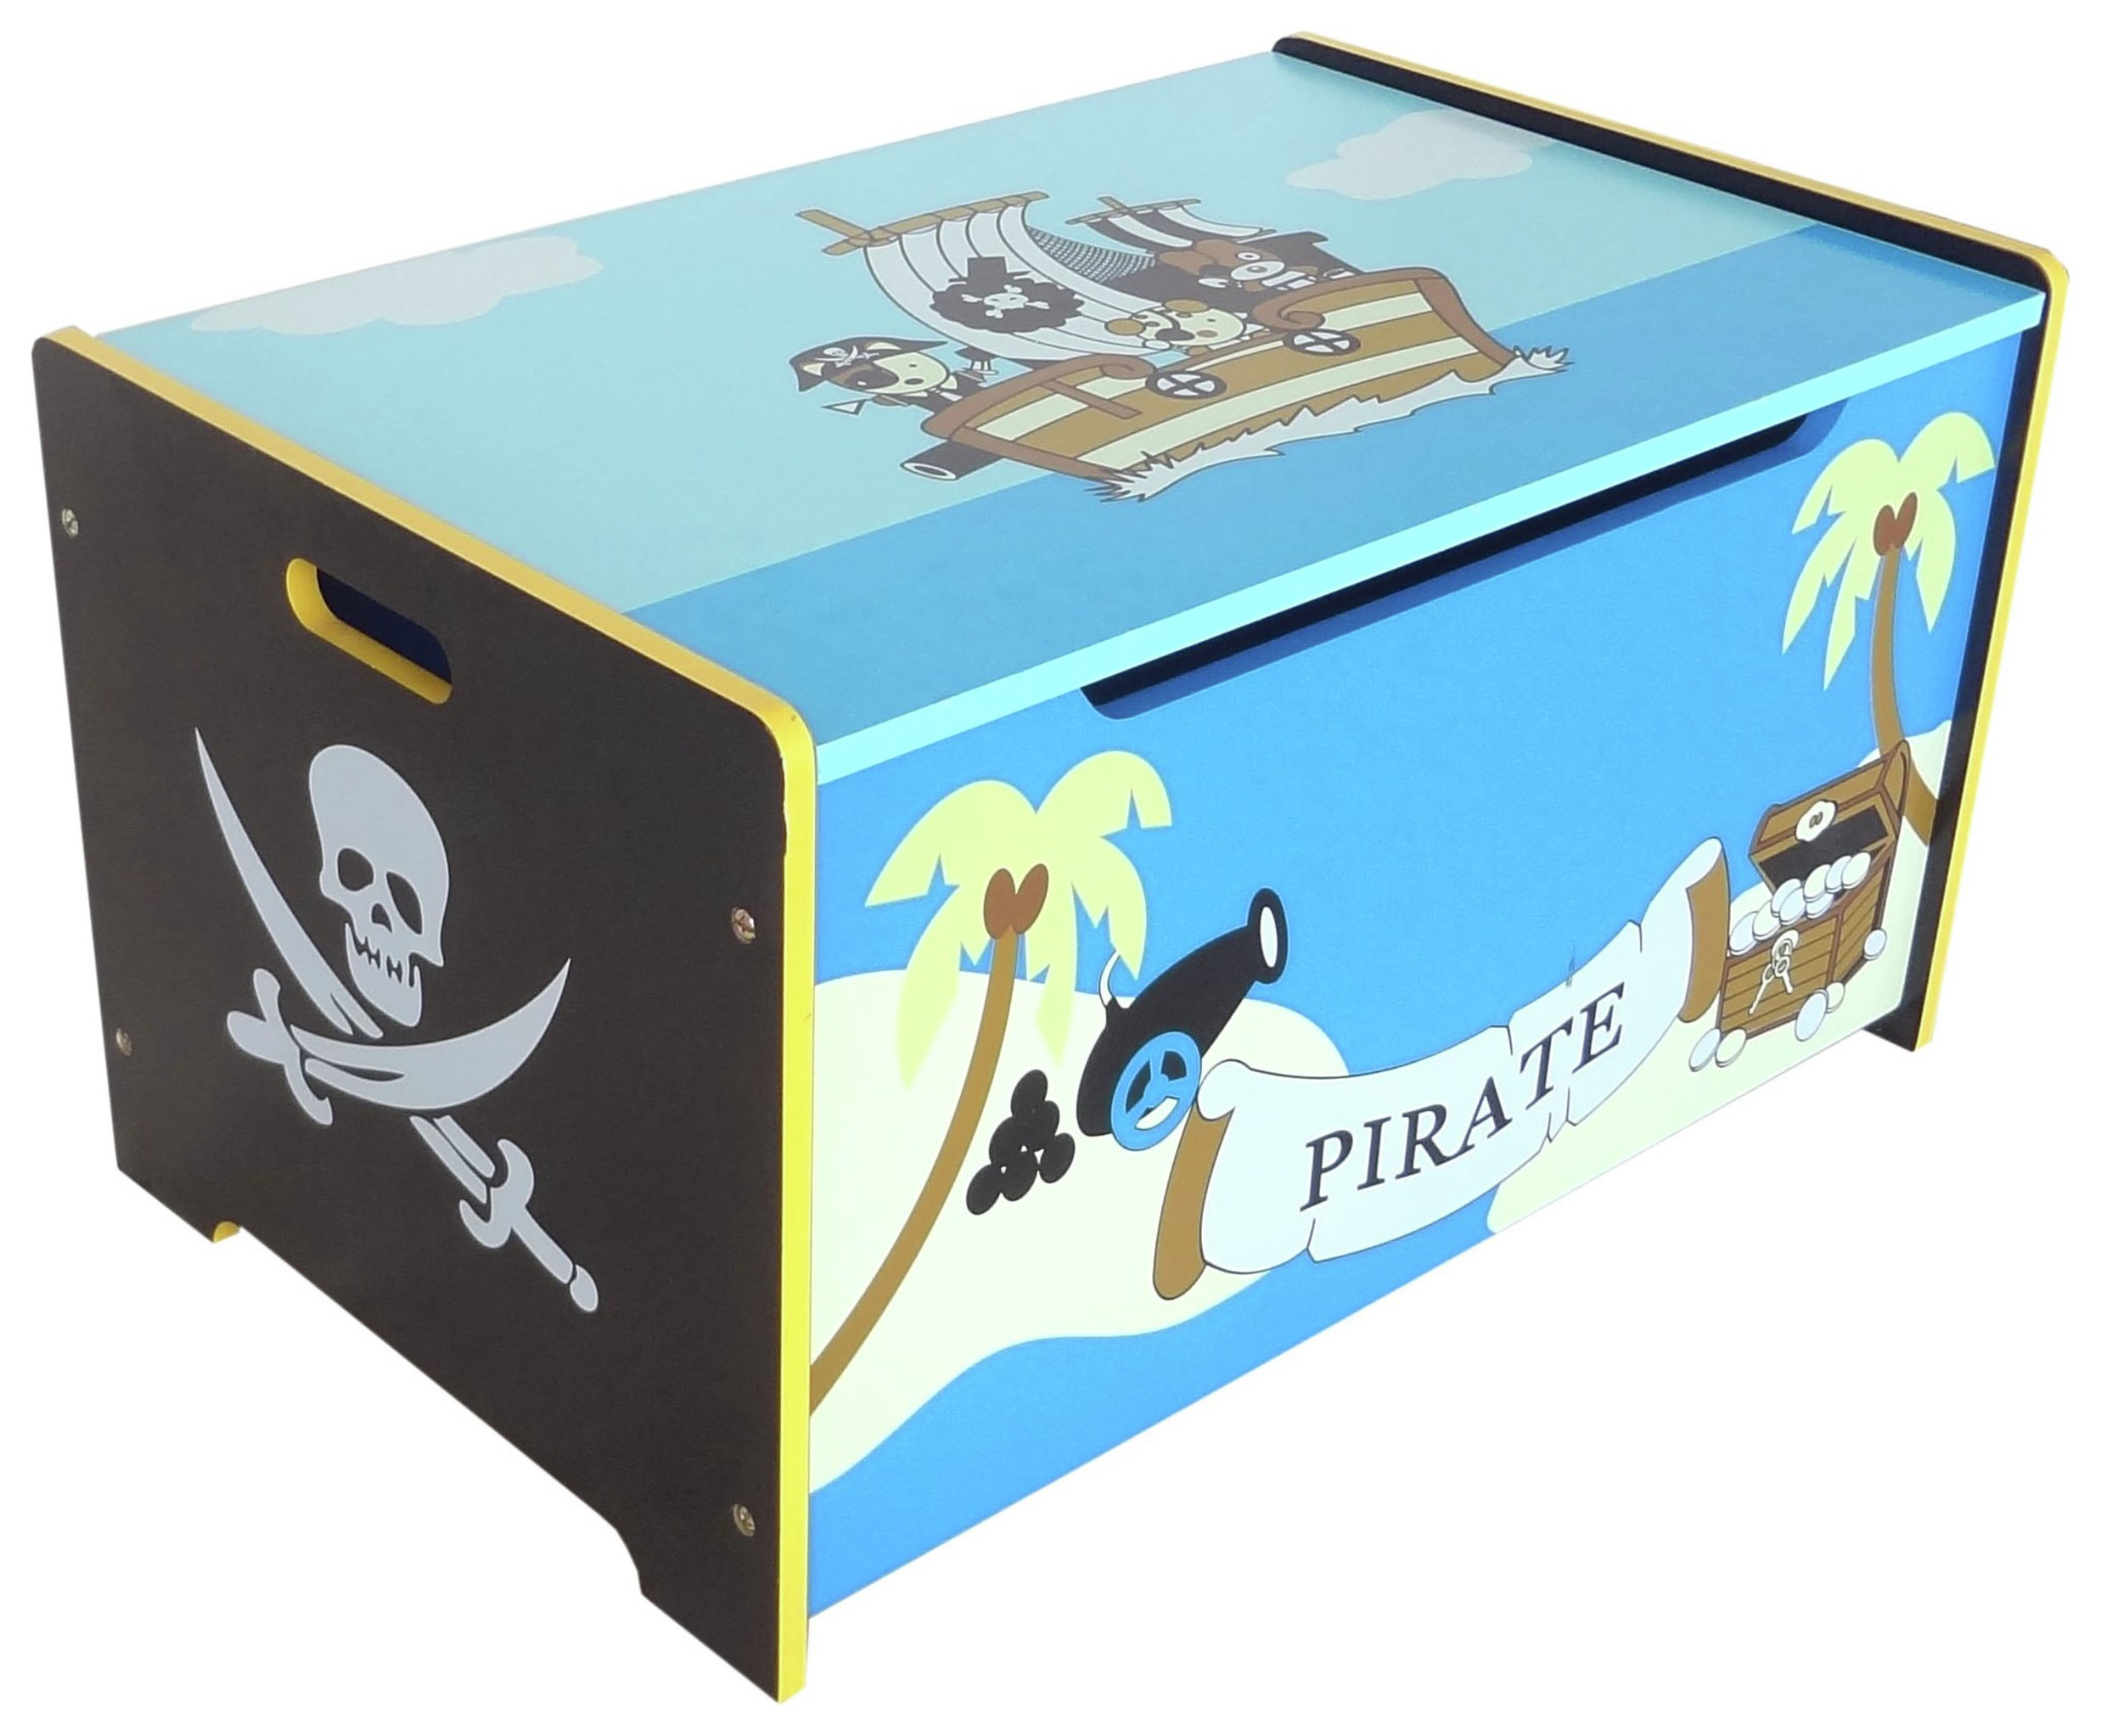 Image of Kiddi Style Pirate Toy Box - Blue